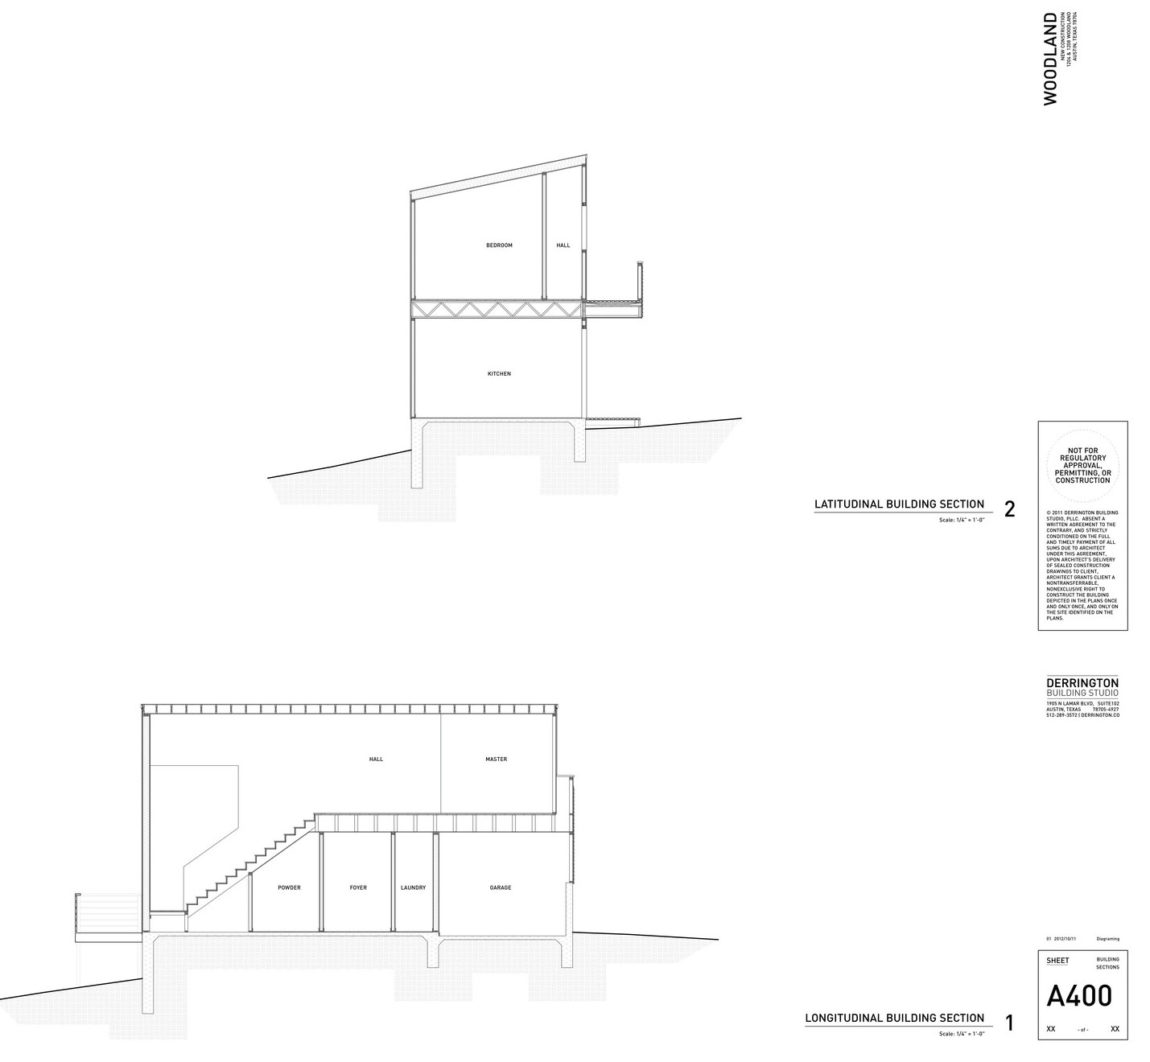 Woodland by Derrington Building Studio (29)